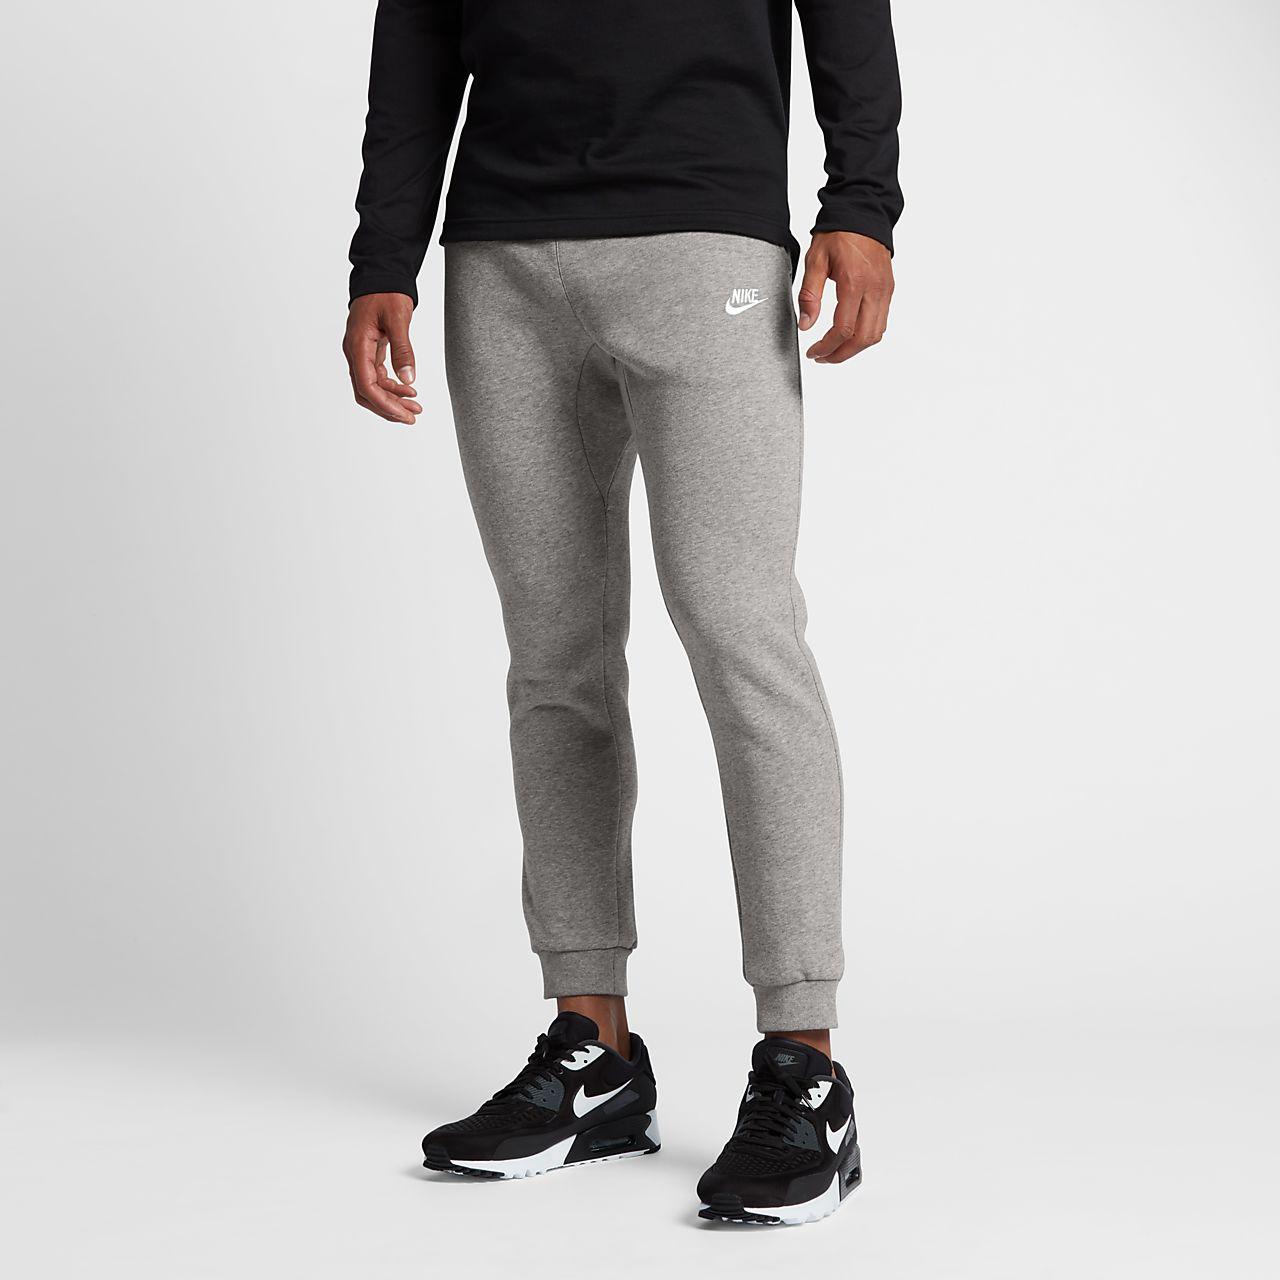 346dd156 Мужские джоггеры Nike Sportswear Club Fleece. Nike.com RU